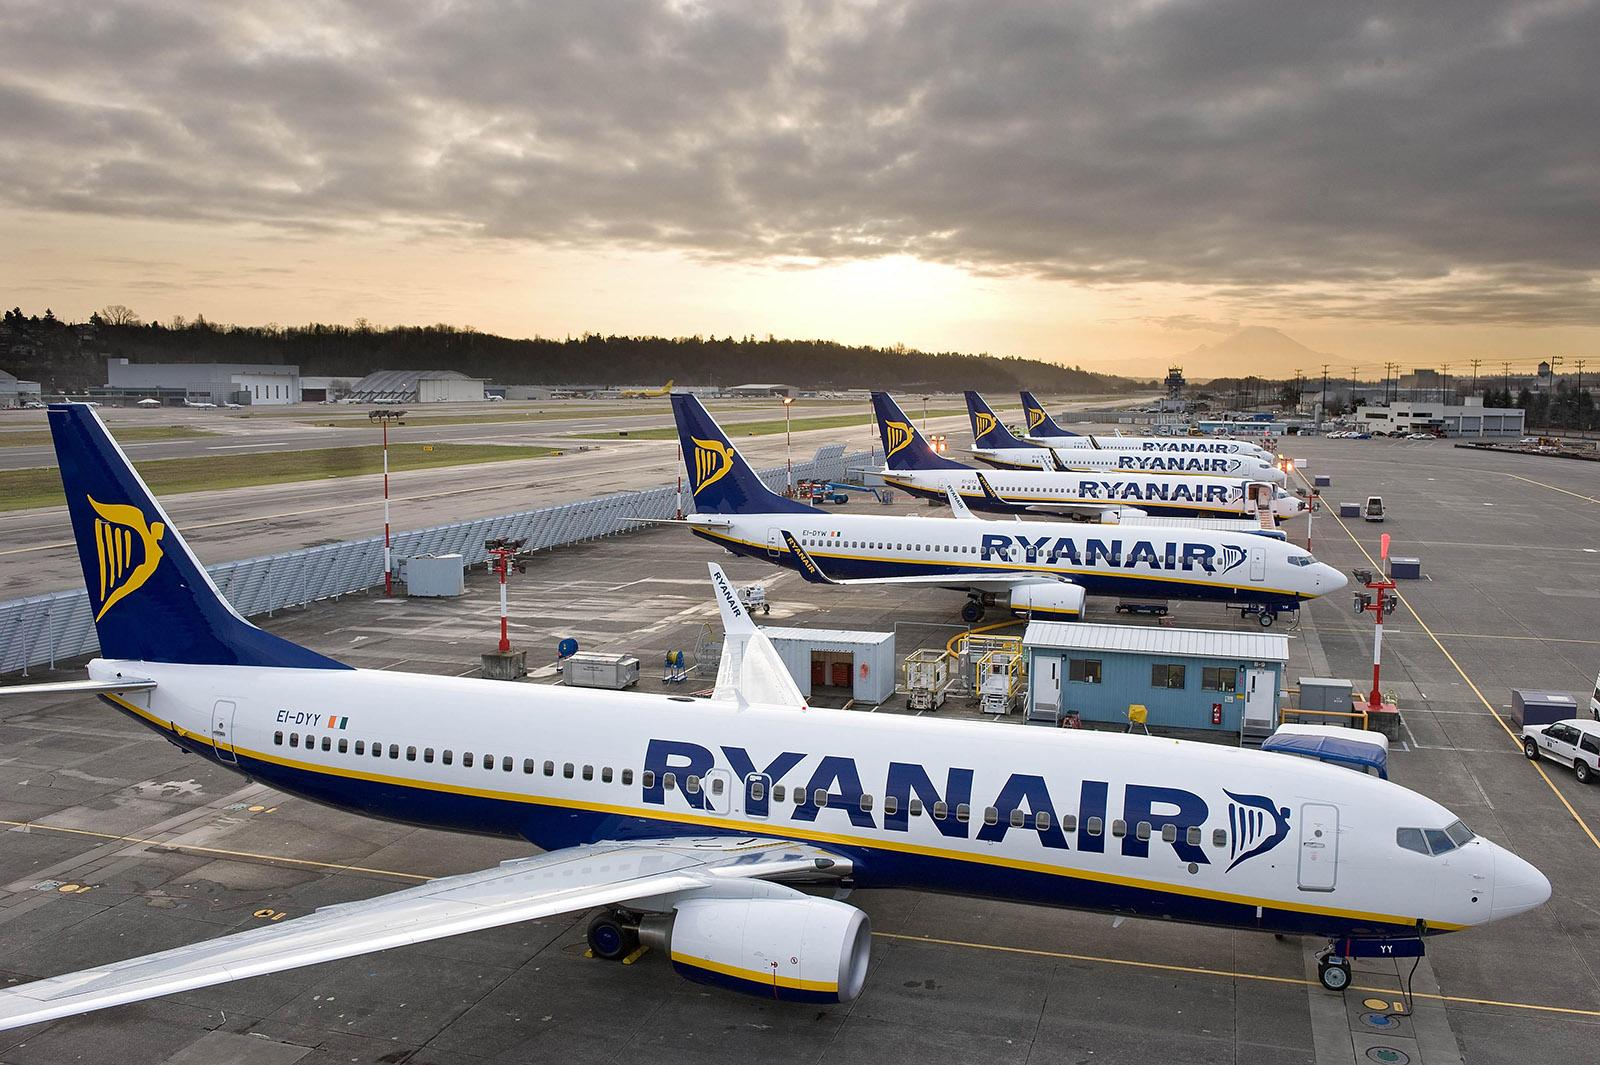 Megint a Ryanair bővült a legnagyobb mértékben. (Fotó: Ryanair) | © AIRportal.hu